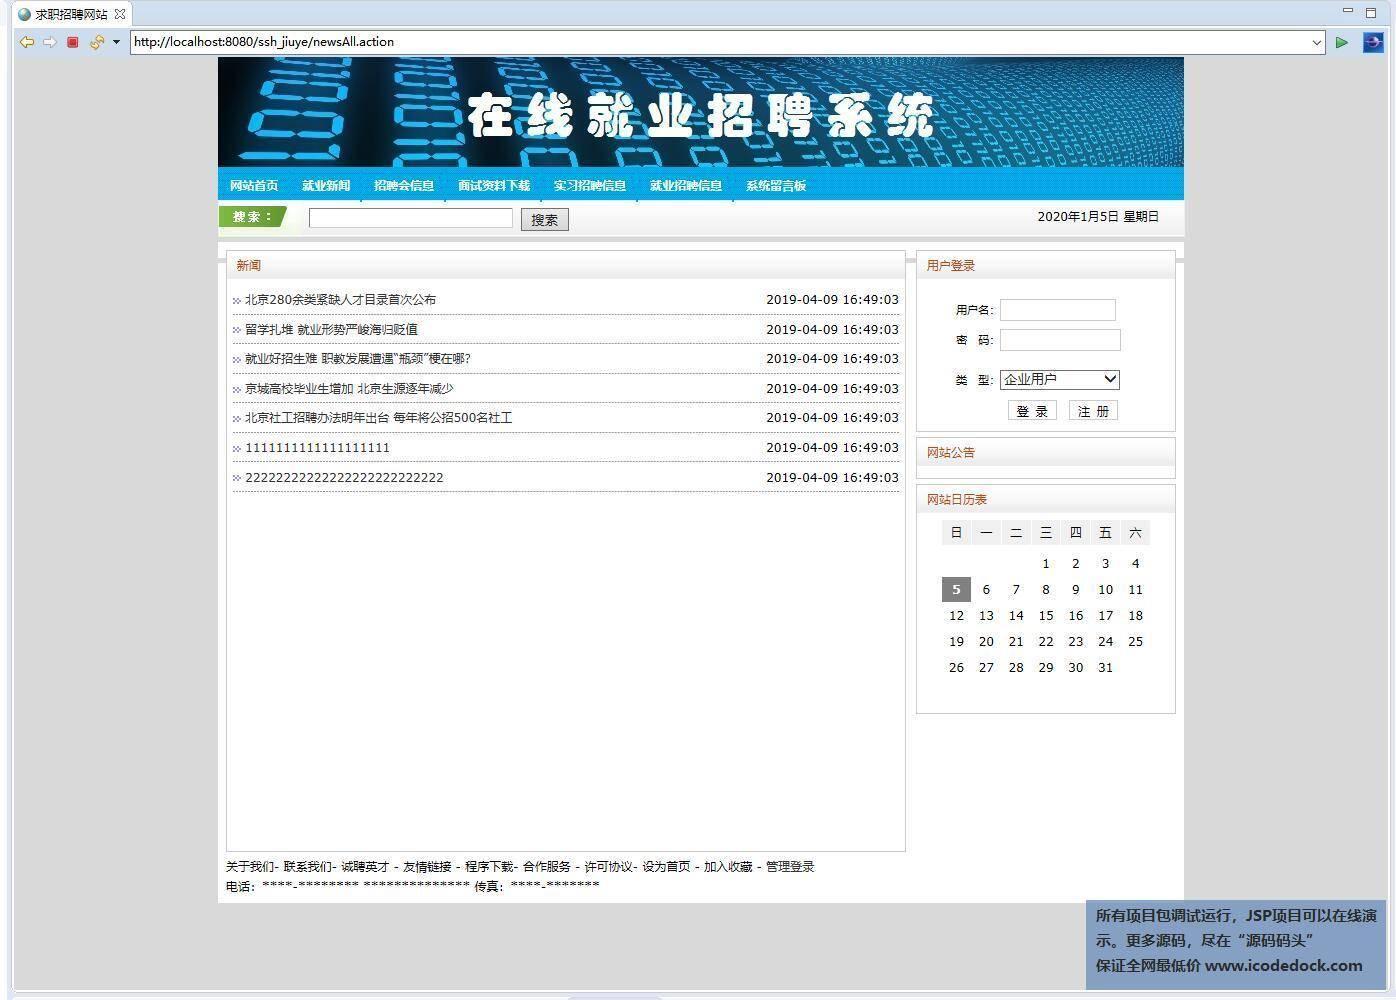 源码码头-SSH求职招聘网站-用户角色-查看就业新闻